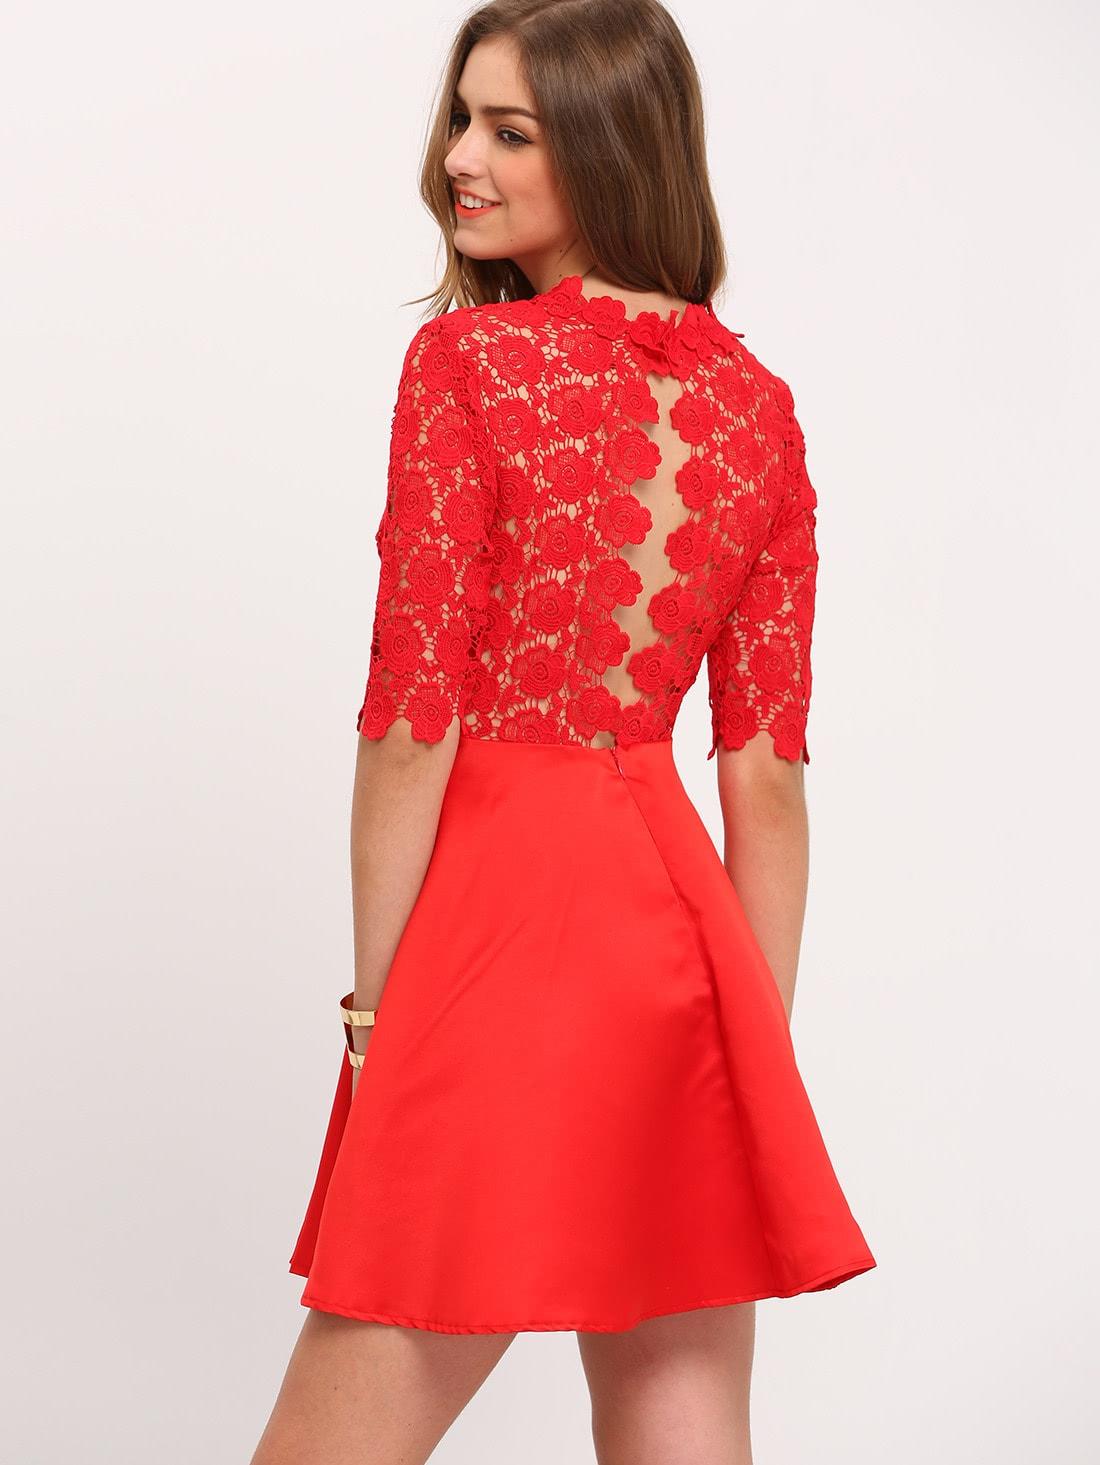 13588eecc08cb Robe rouge dentelle courte robe femme avec dentelle   Electrogagnant